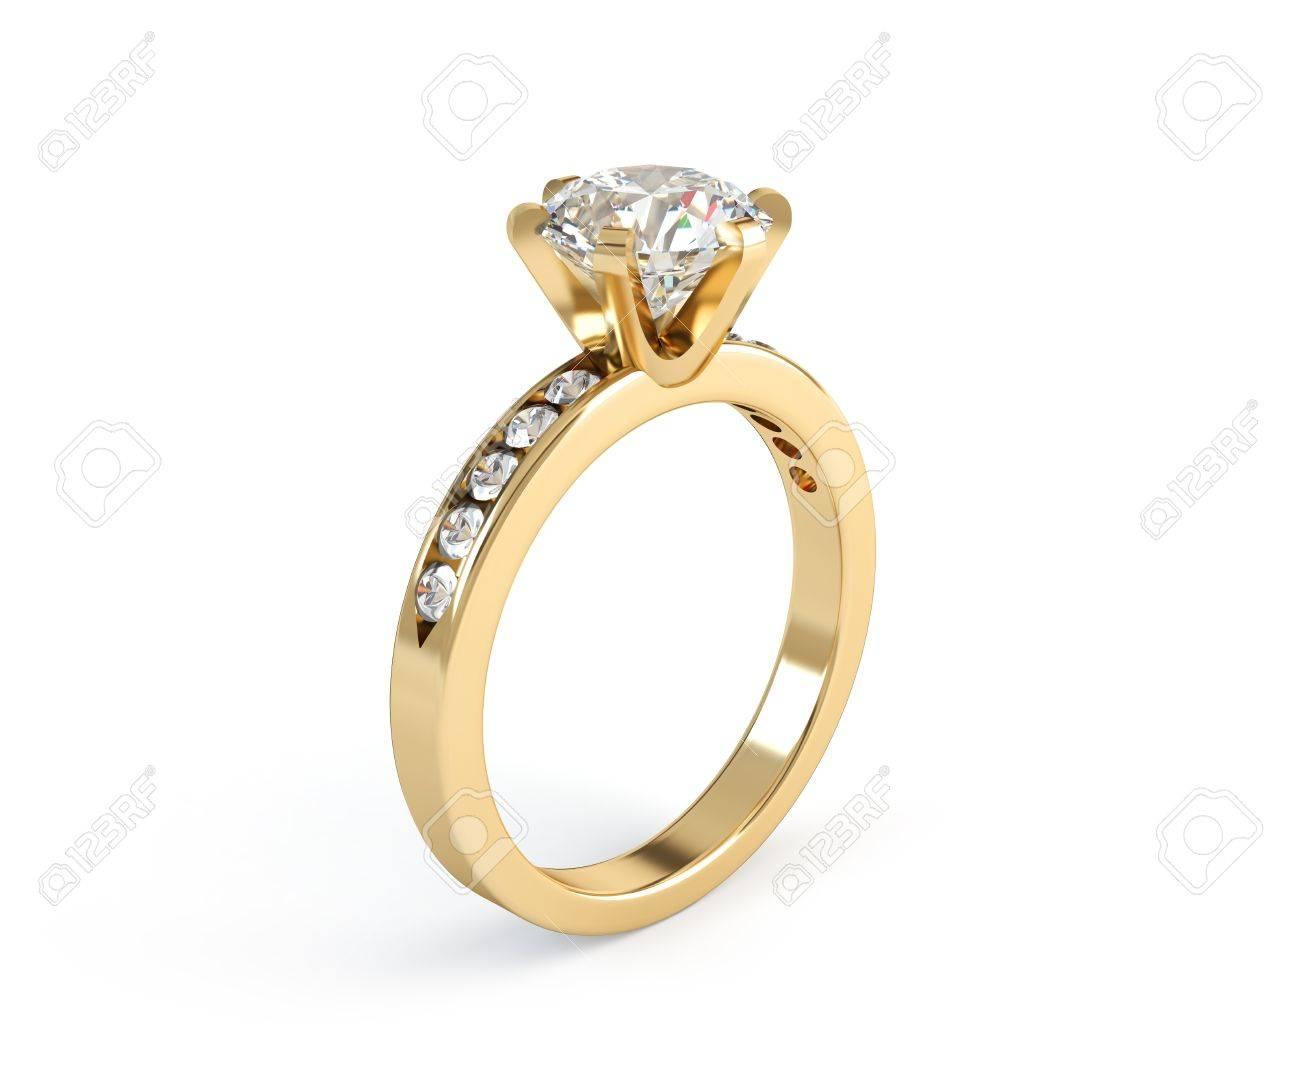 Wedding gold diamond ring isolated on white background Stock Photo - 10652476